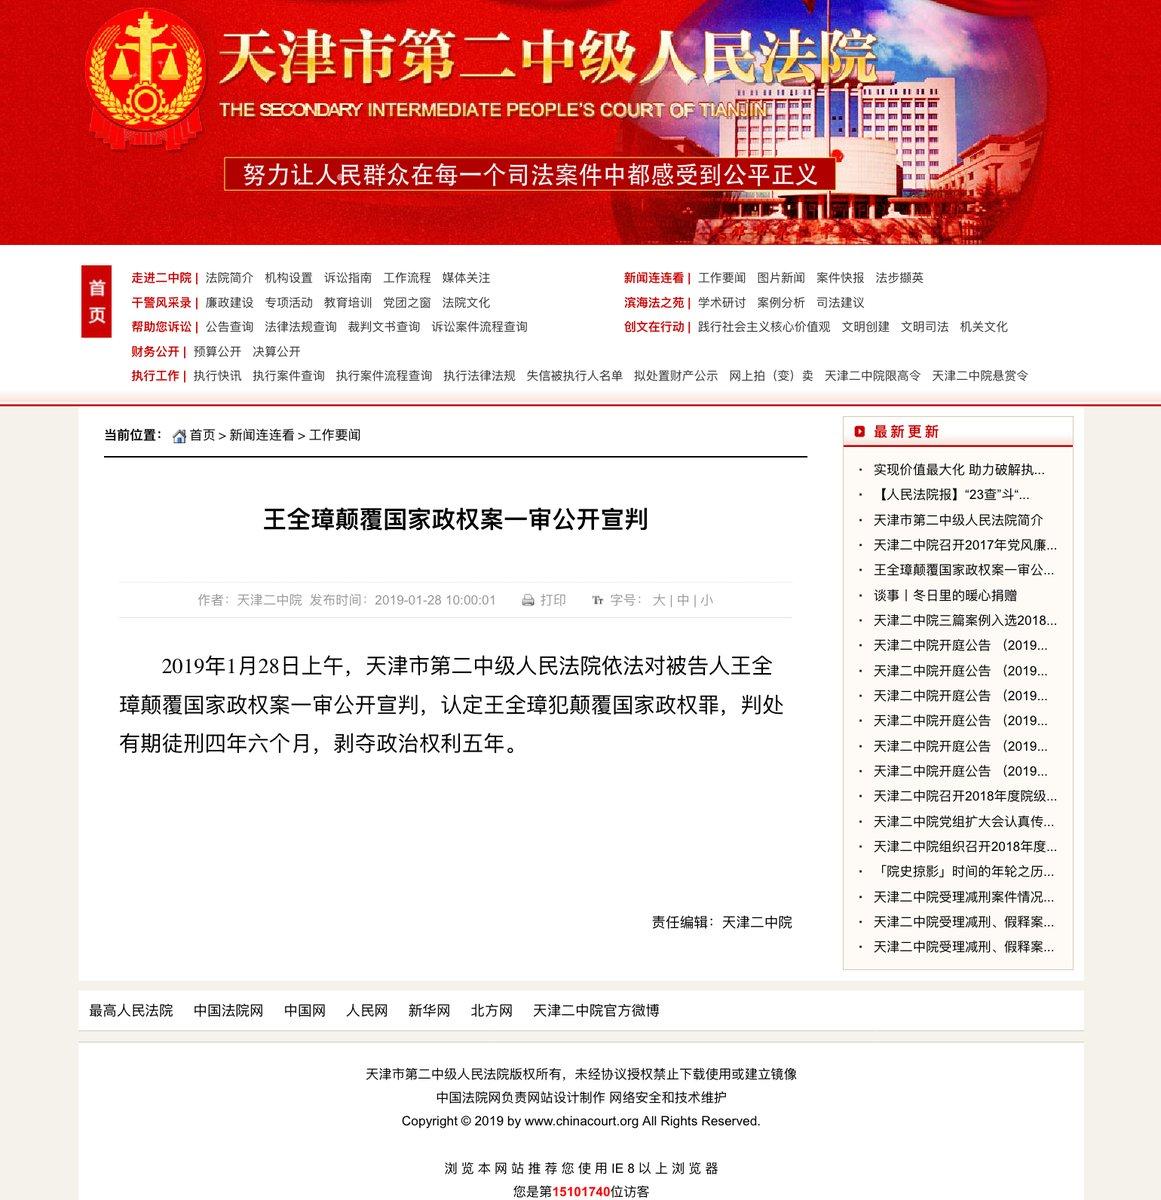 天津市第二中级人民法院   王全璋一审获刑四年半